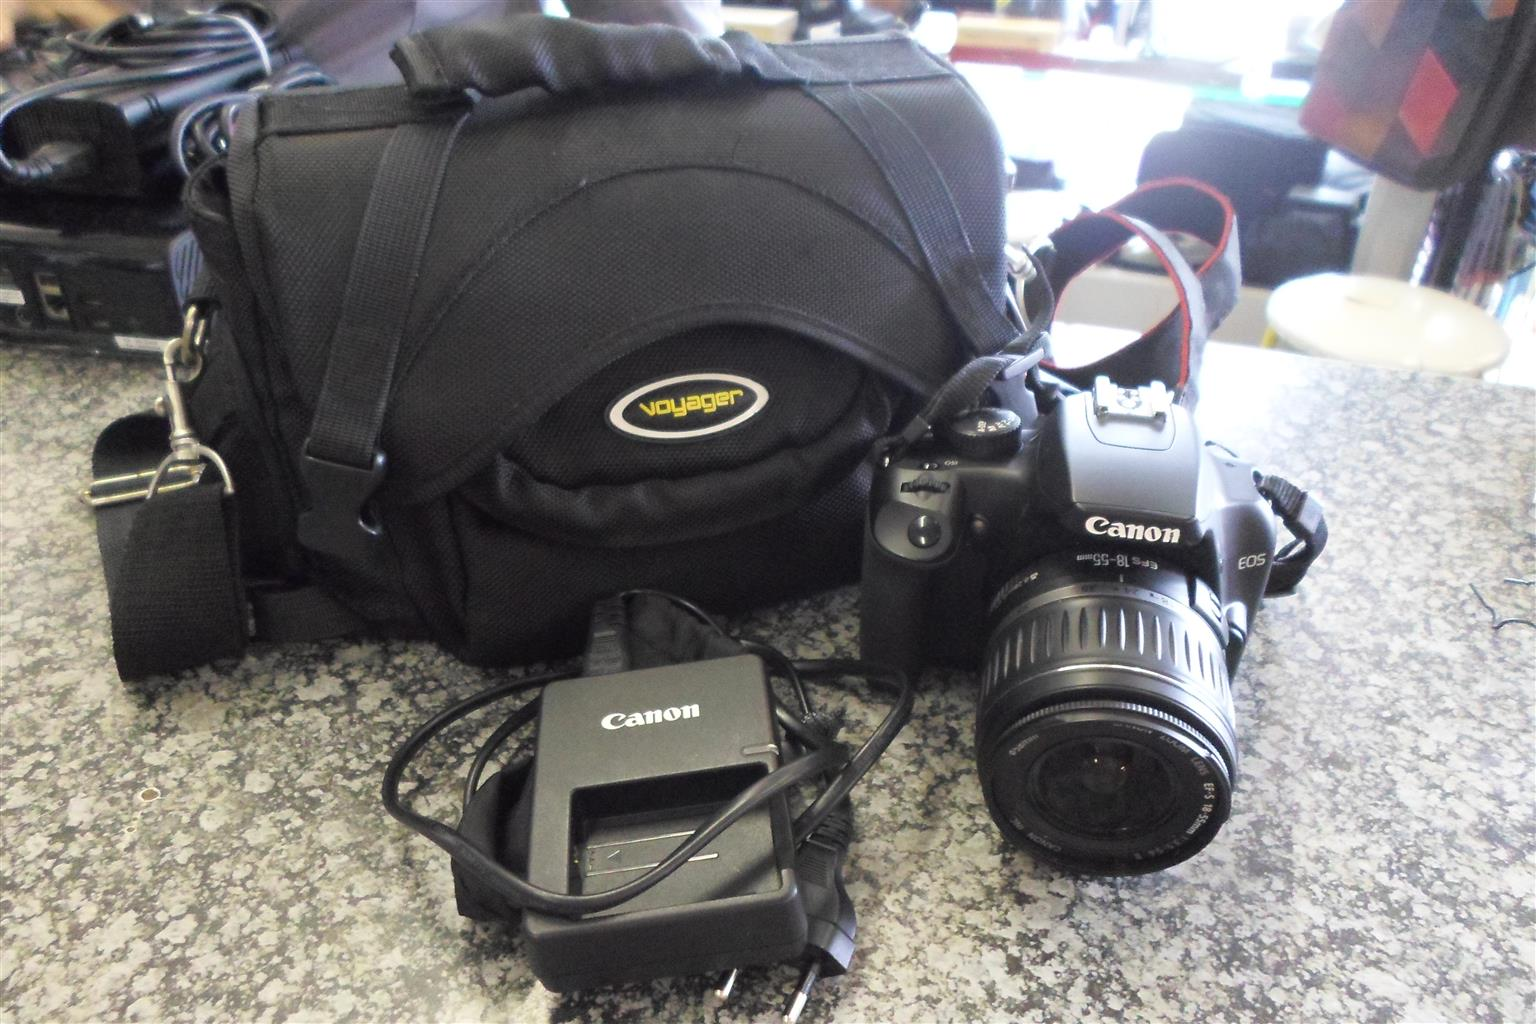 Canon EOS 1000D Camera